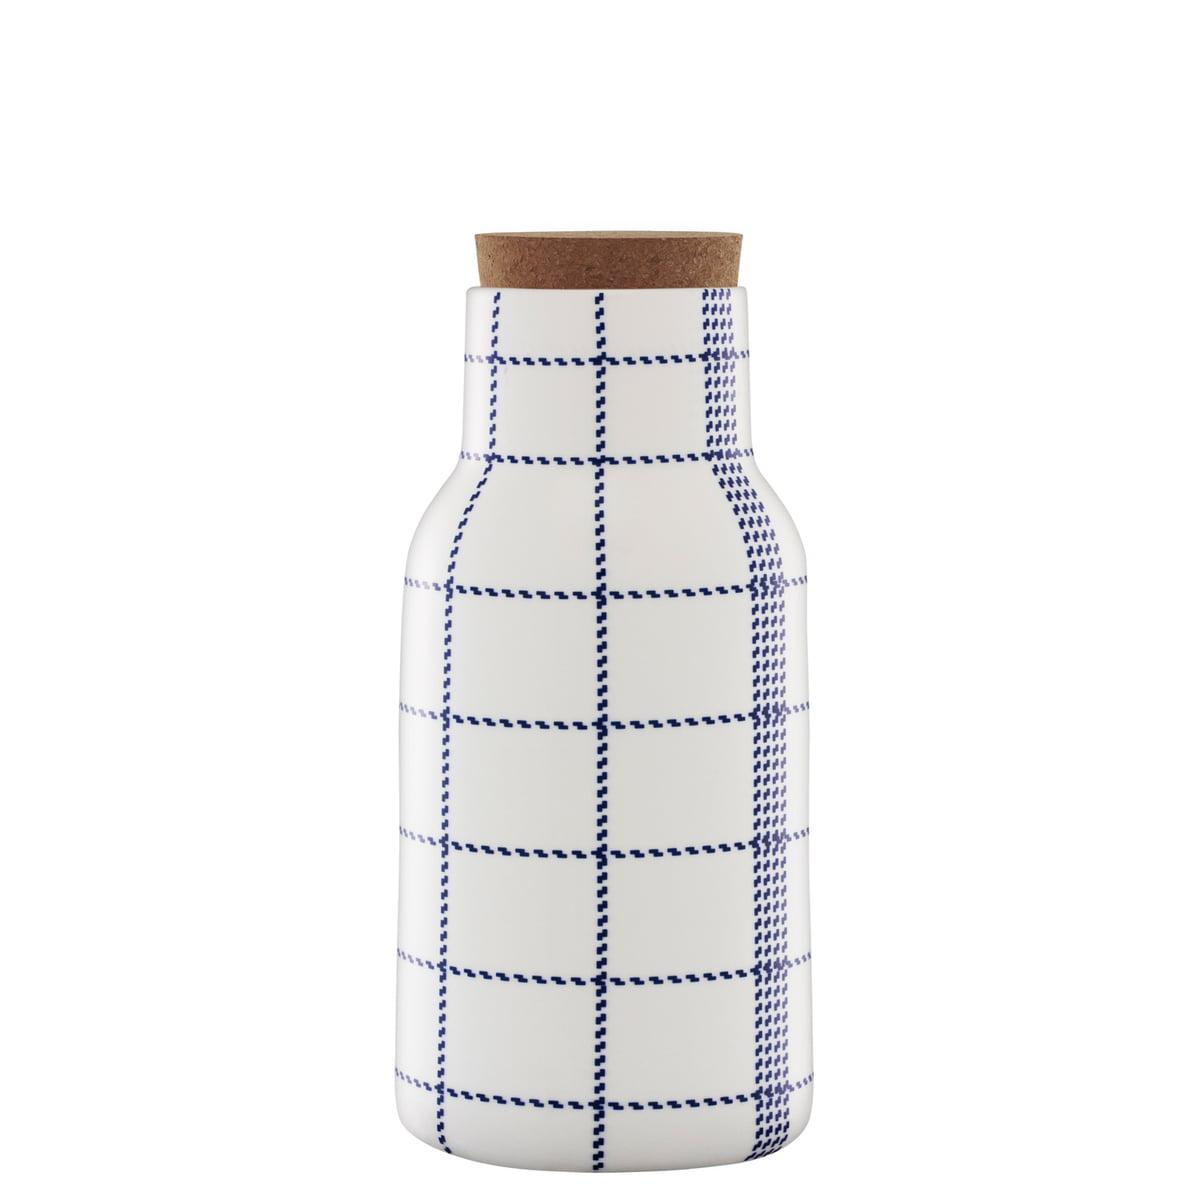 Mormor blue decanter with cork 300 dpi